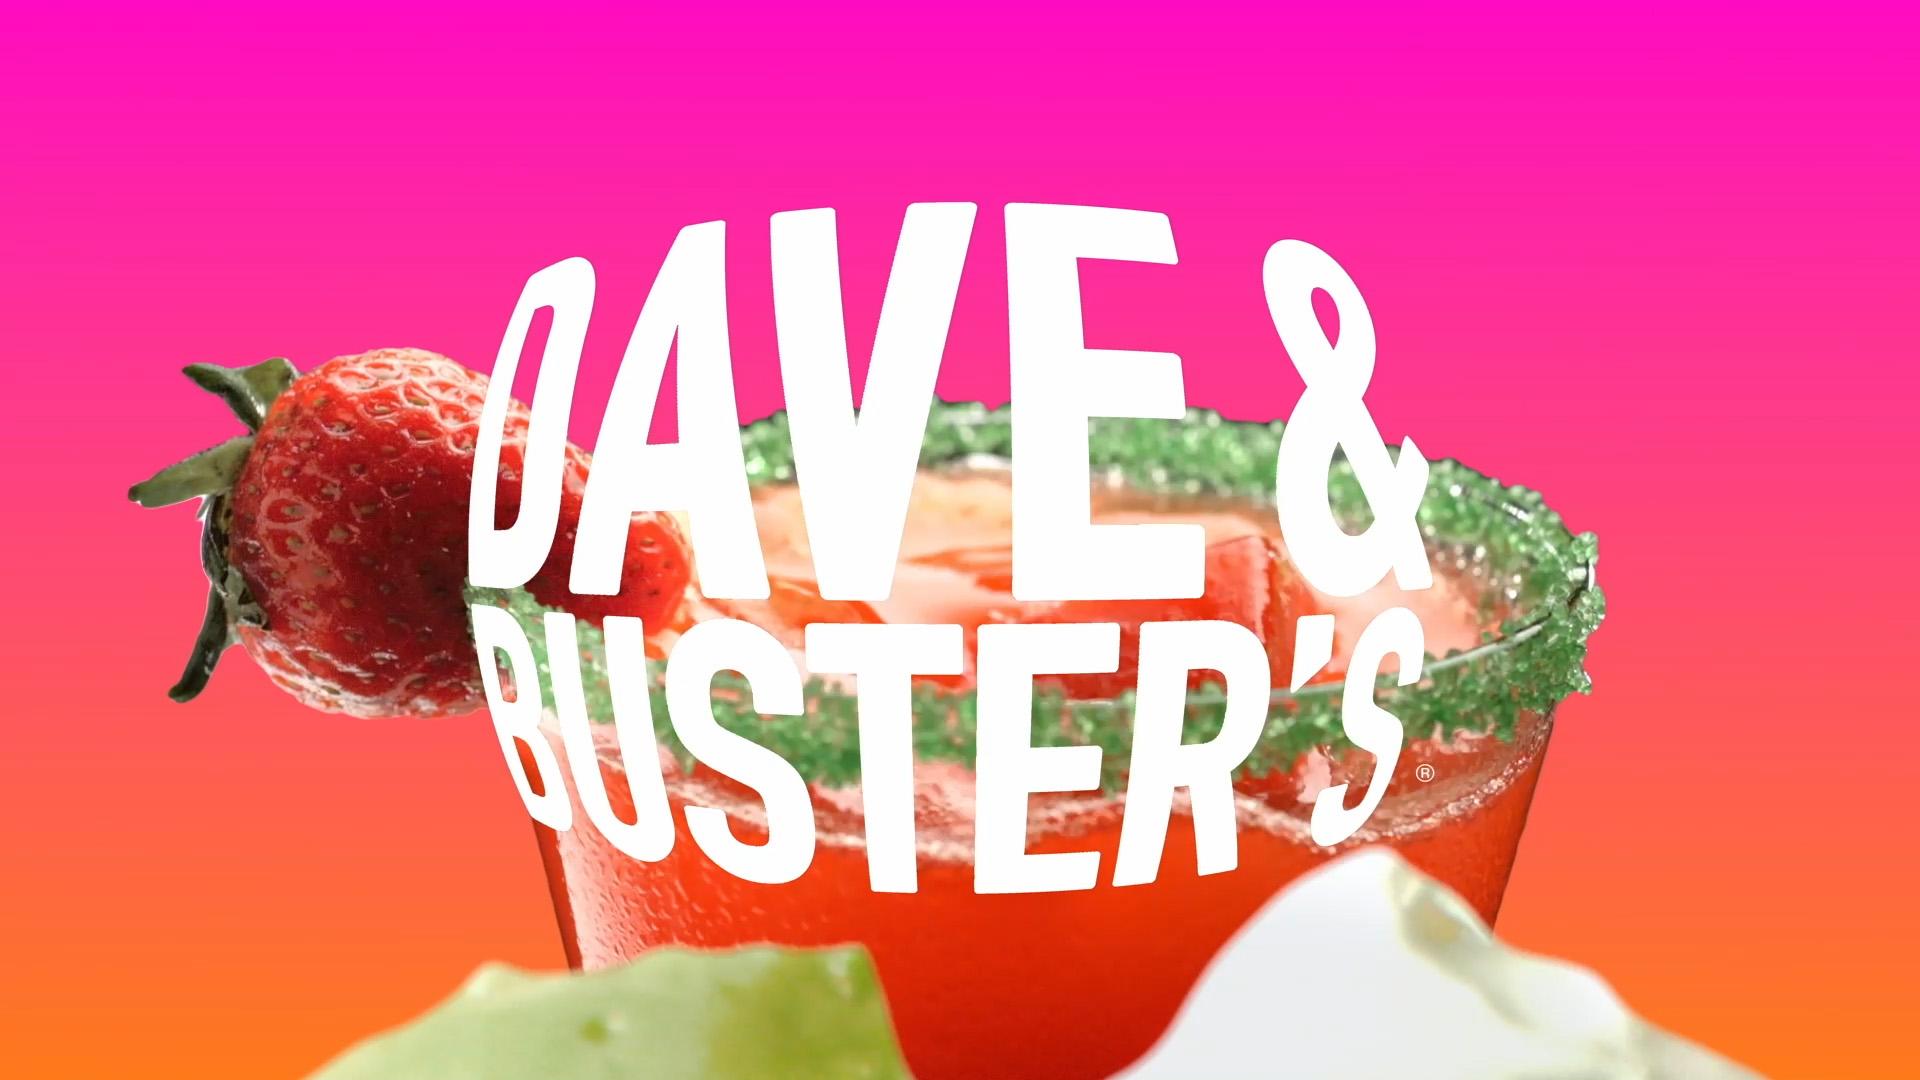 Matt van Leeuwen, Dave & Buster's, Mother Design, Logo, Identity, Matthijs van Leeuwen